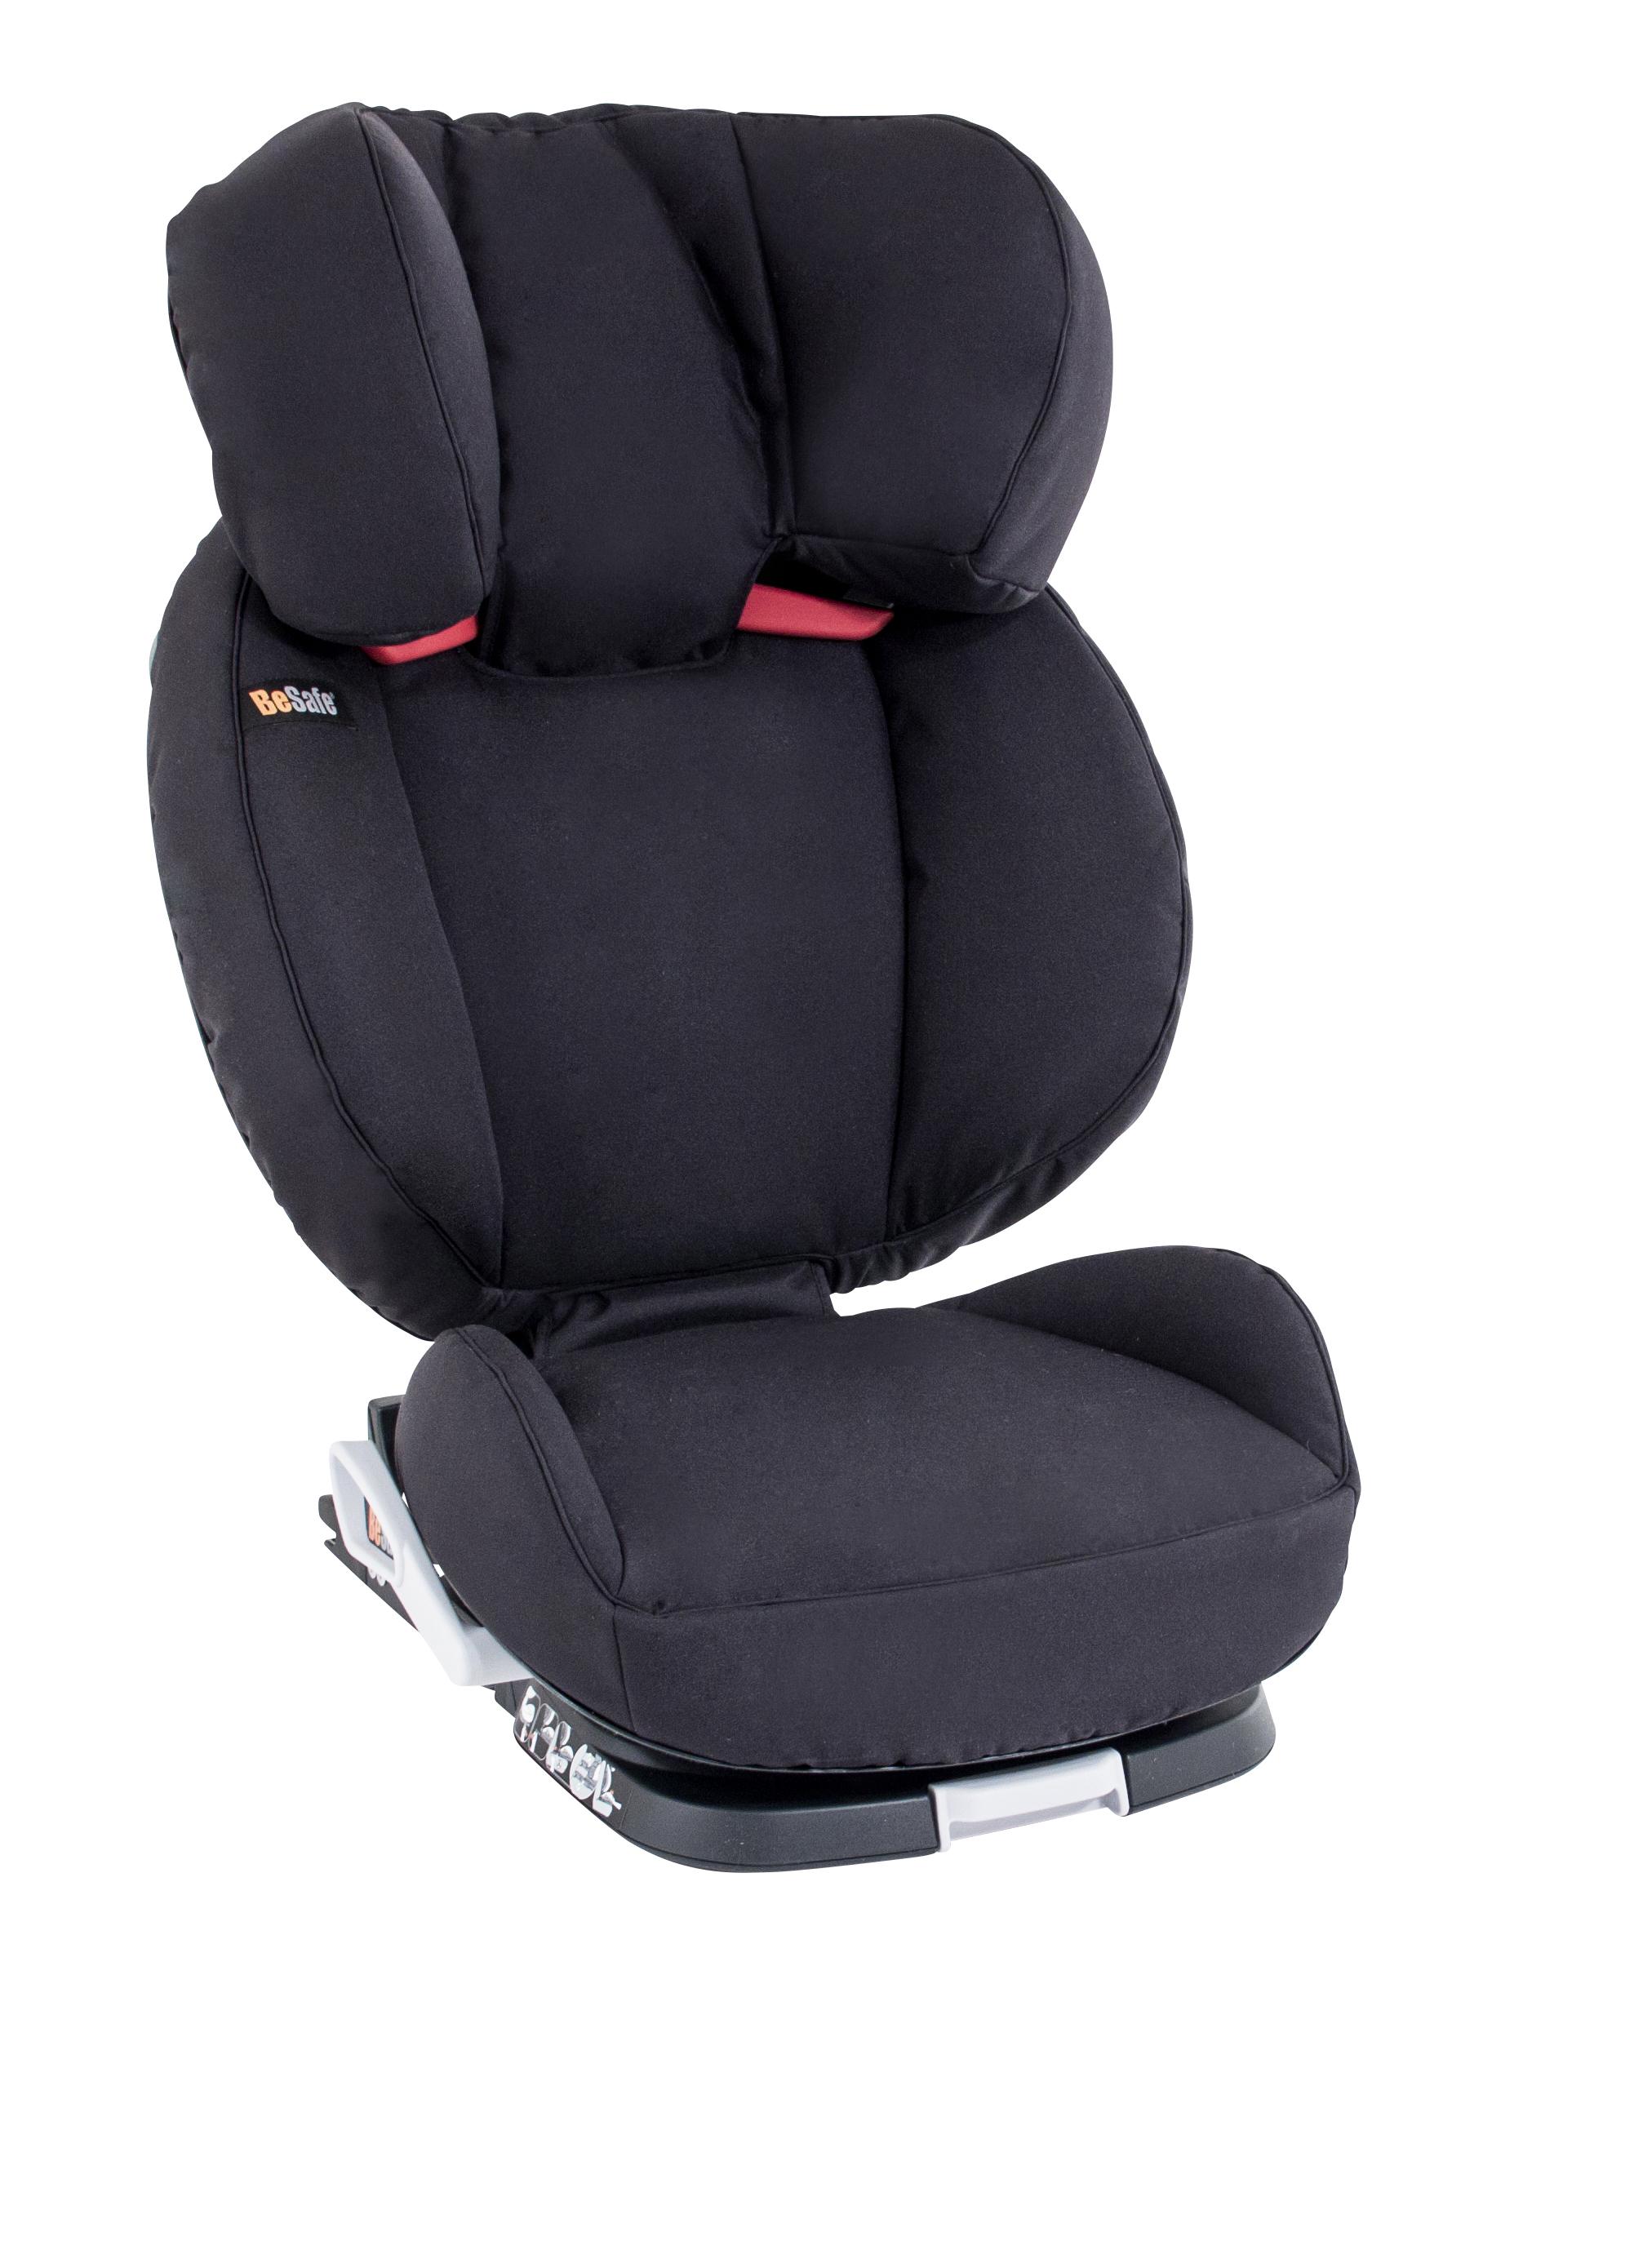 515164 BeSafe iZi Up X3 Fix Black Cab